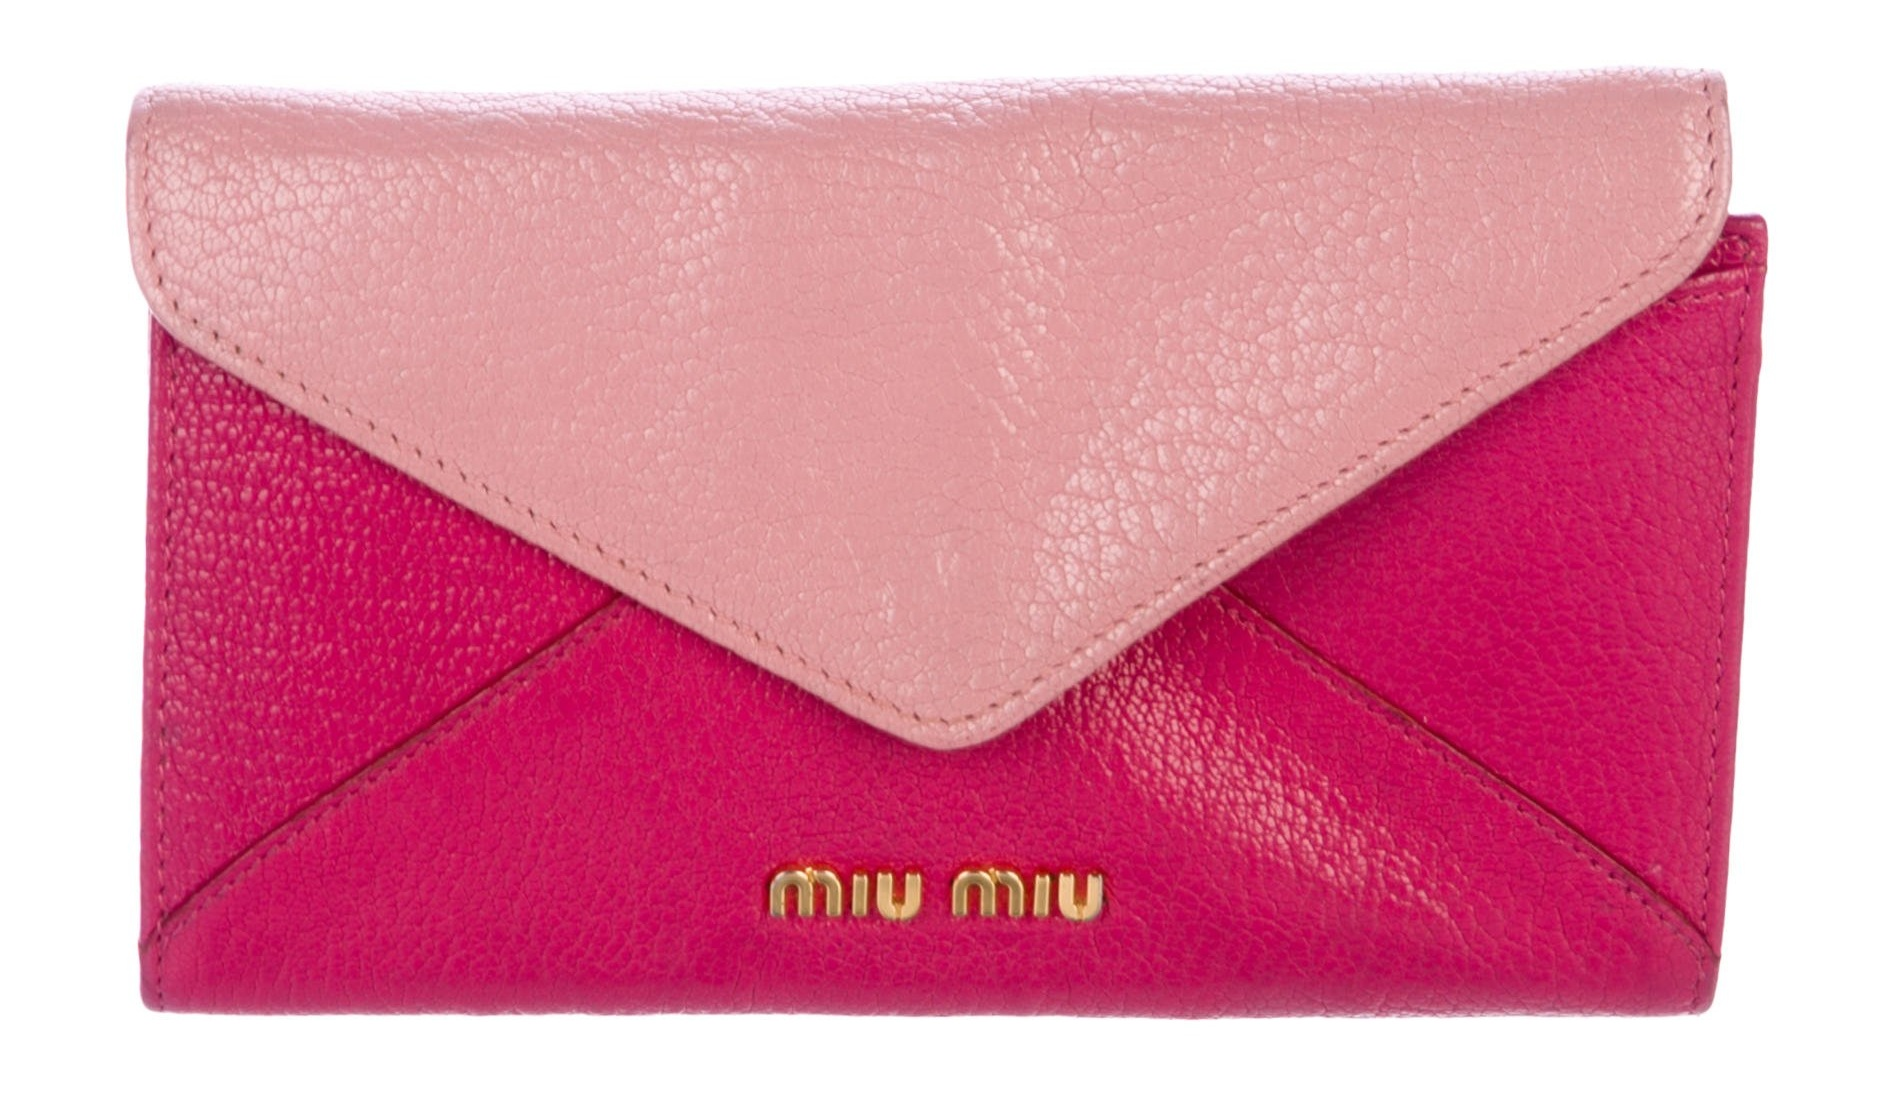 Miu Miu - $101.50